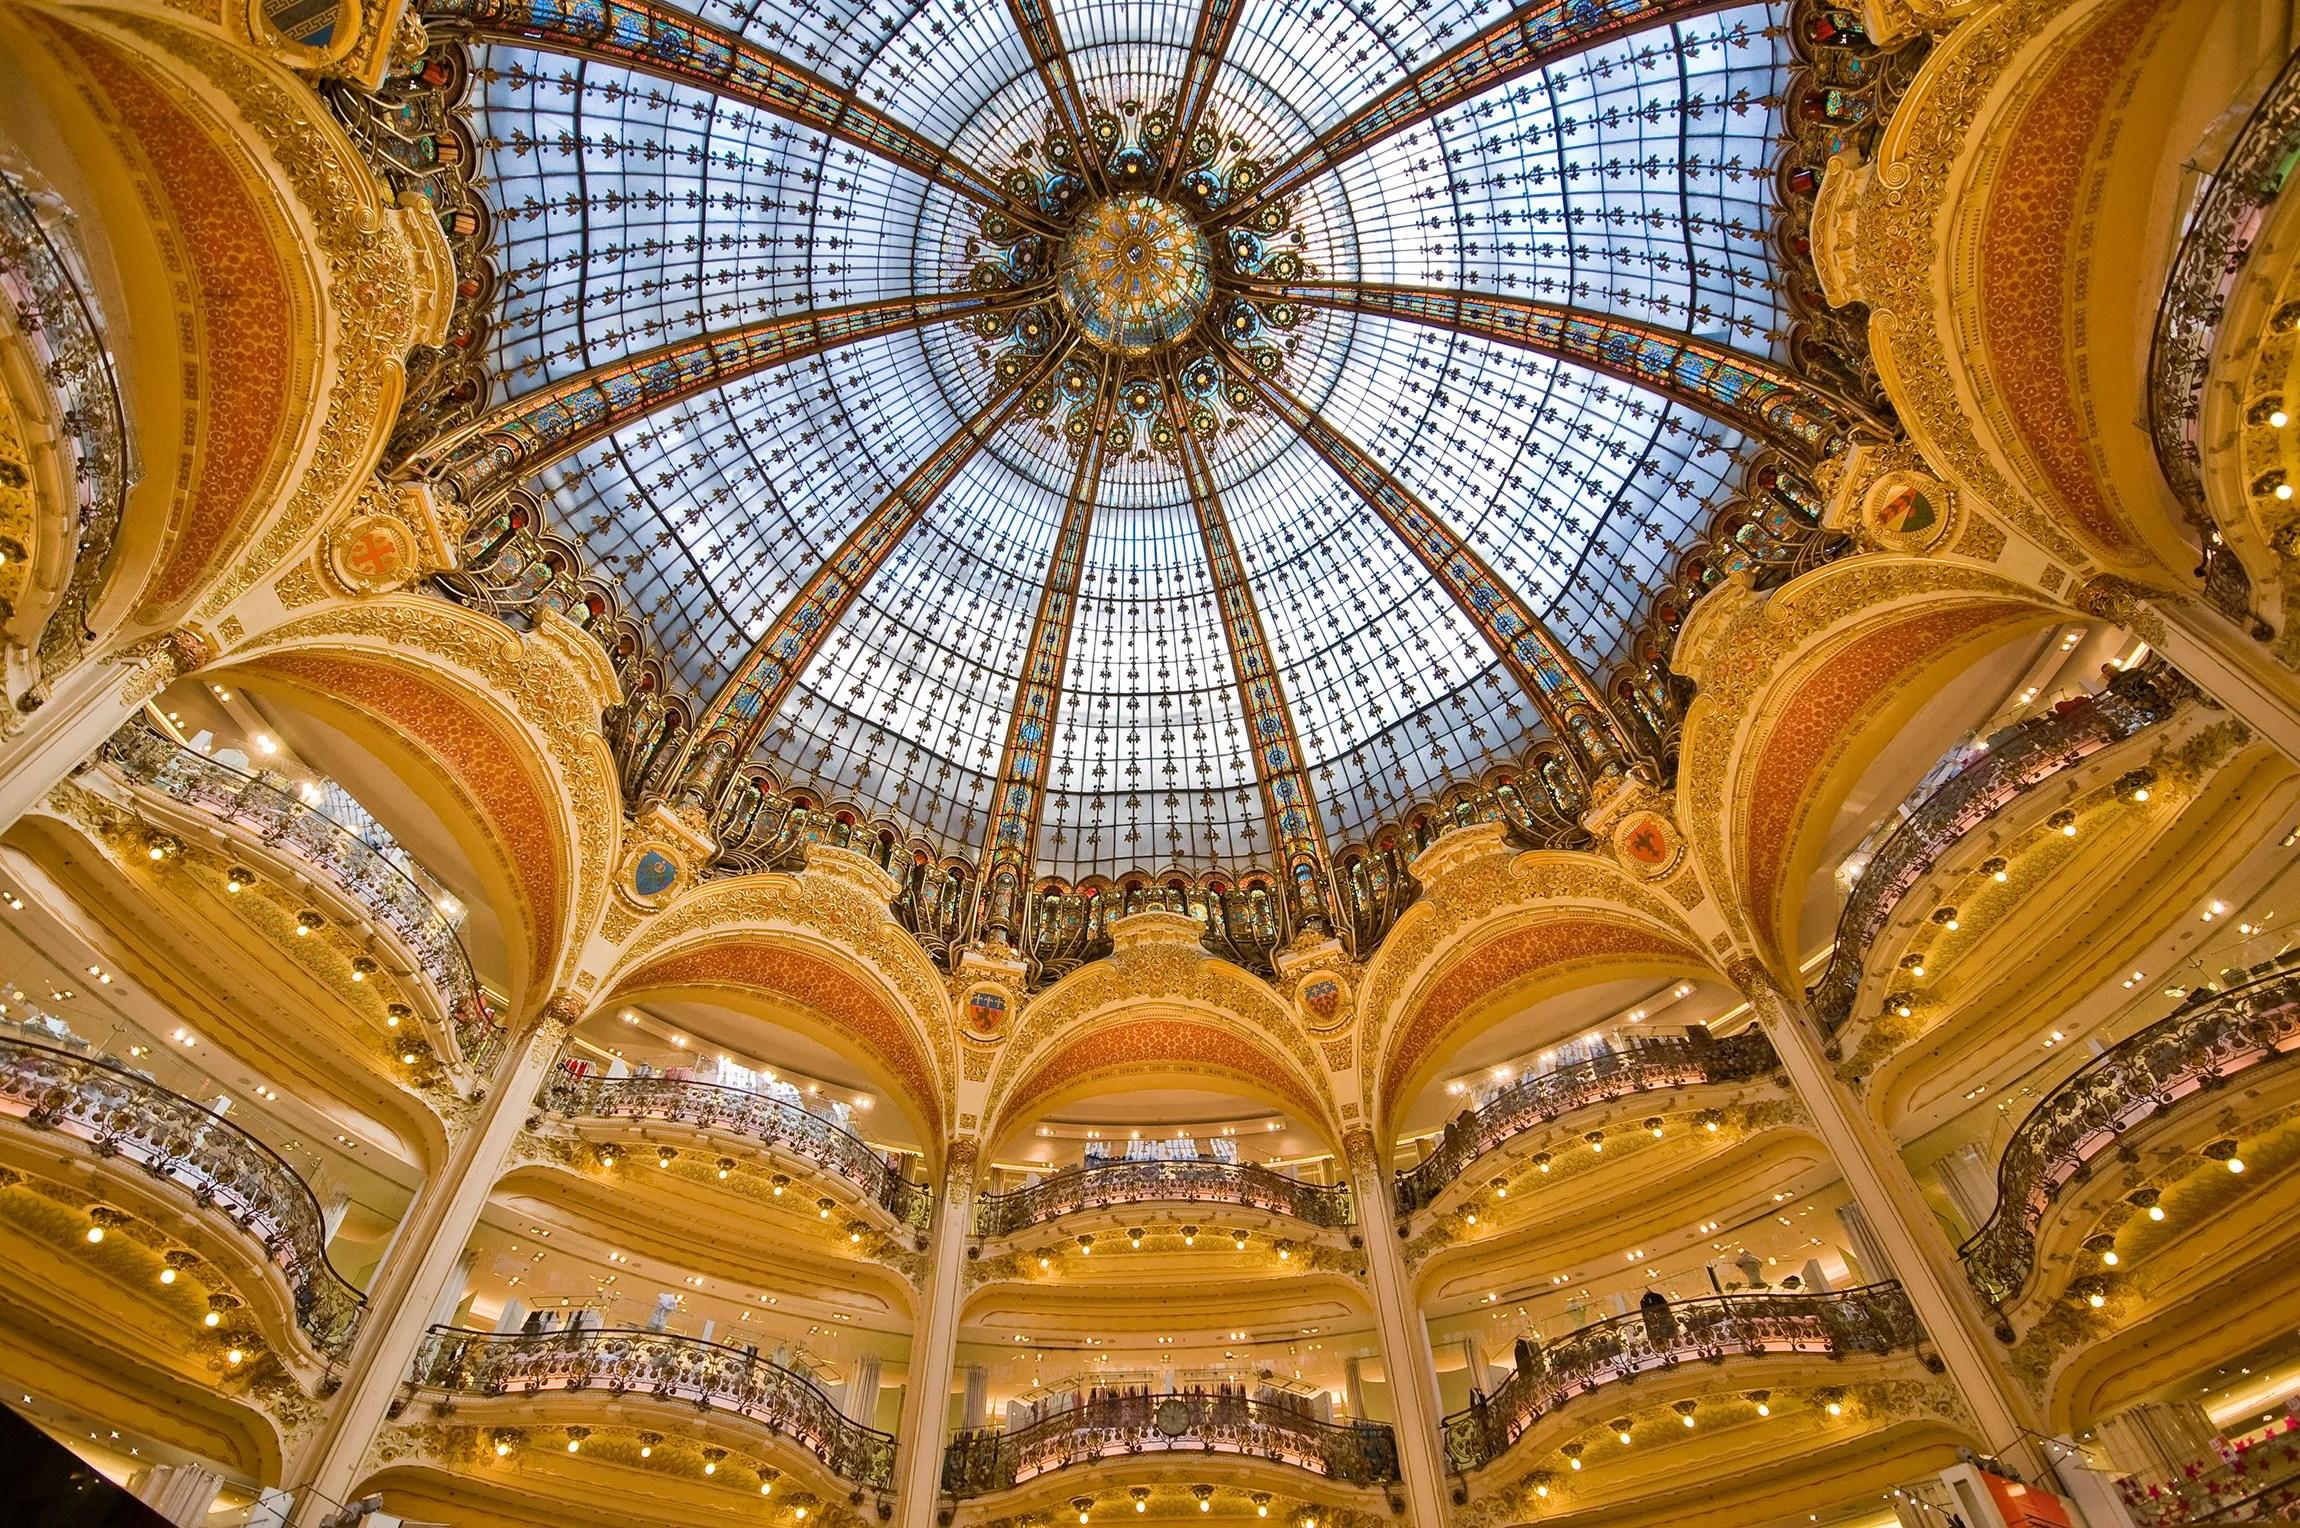 Best Kitchen Gallery: 5 Of The Best Art Nouveau Buildings In Paris Photos Architectural of Art Nouveau Architecture on rachelxblog.com